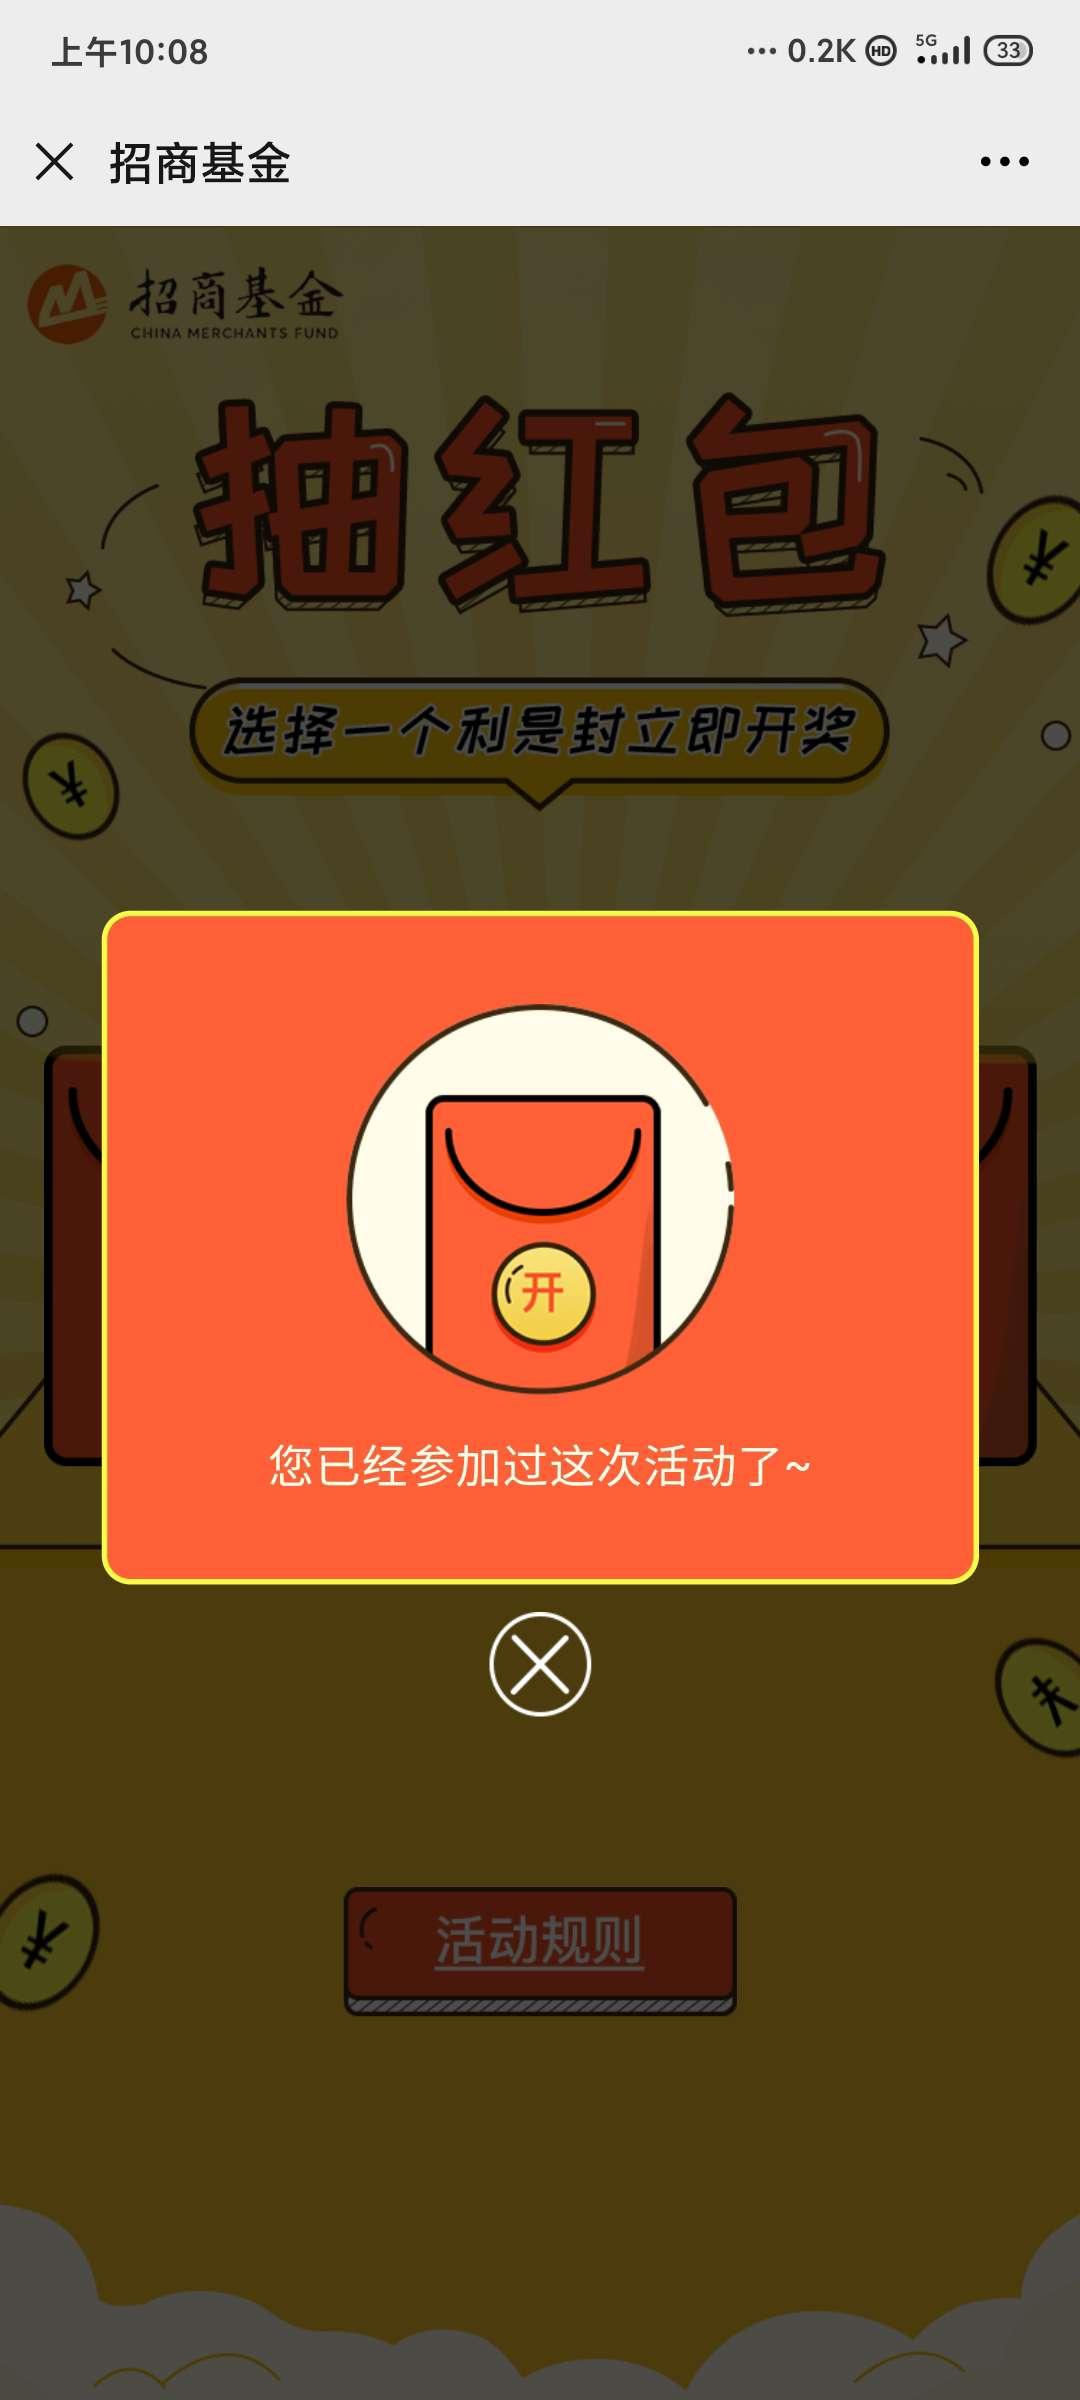 招商基金新年快乐抽红包插图2